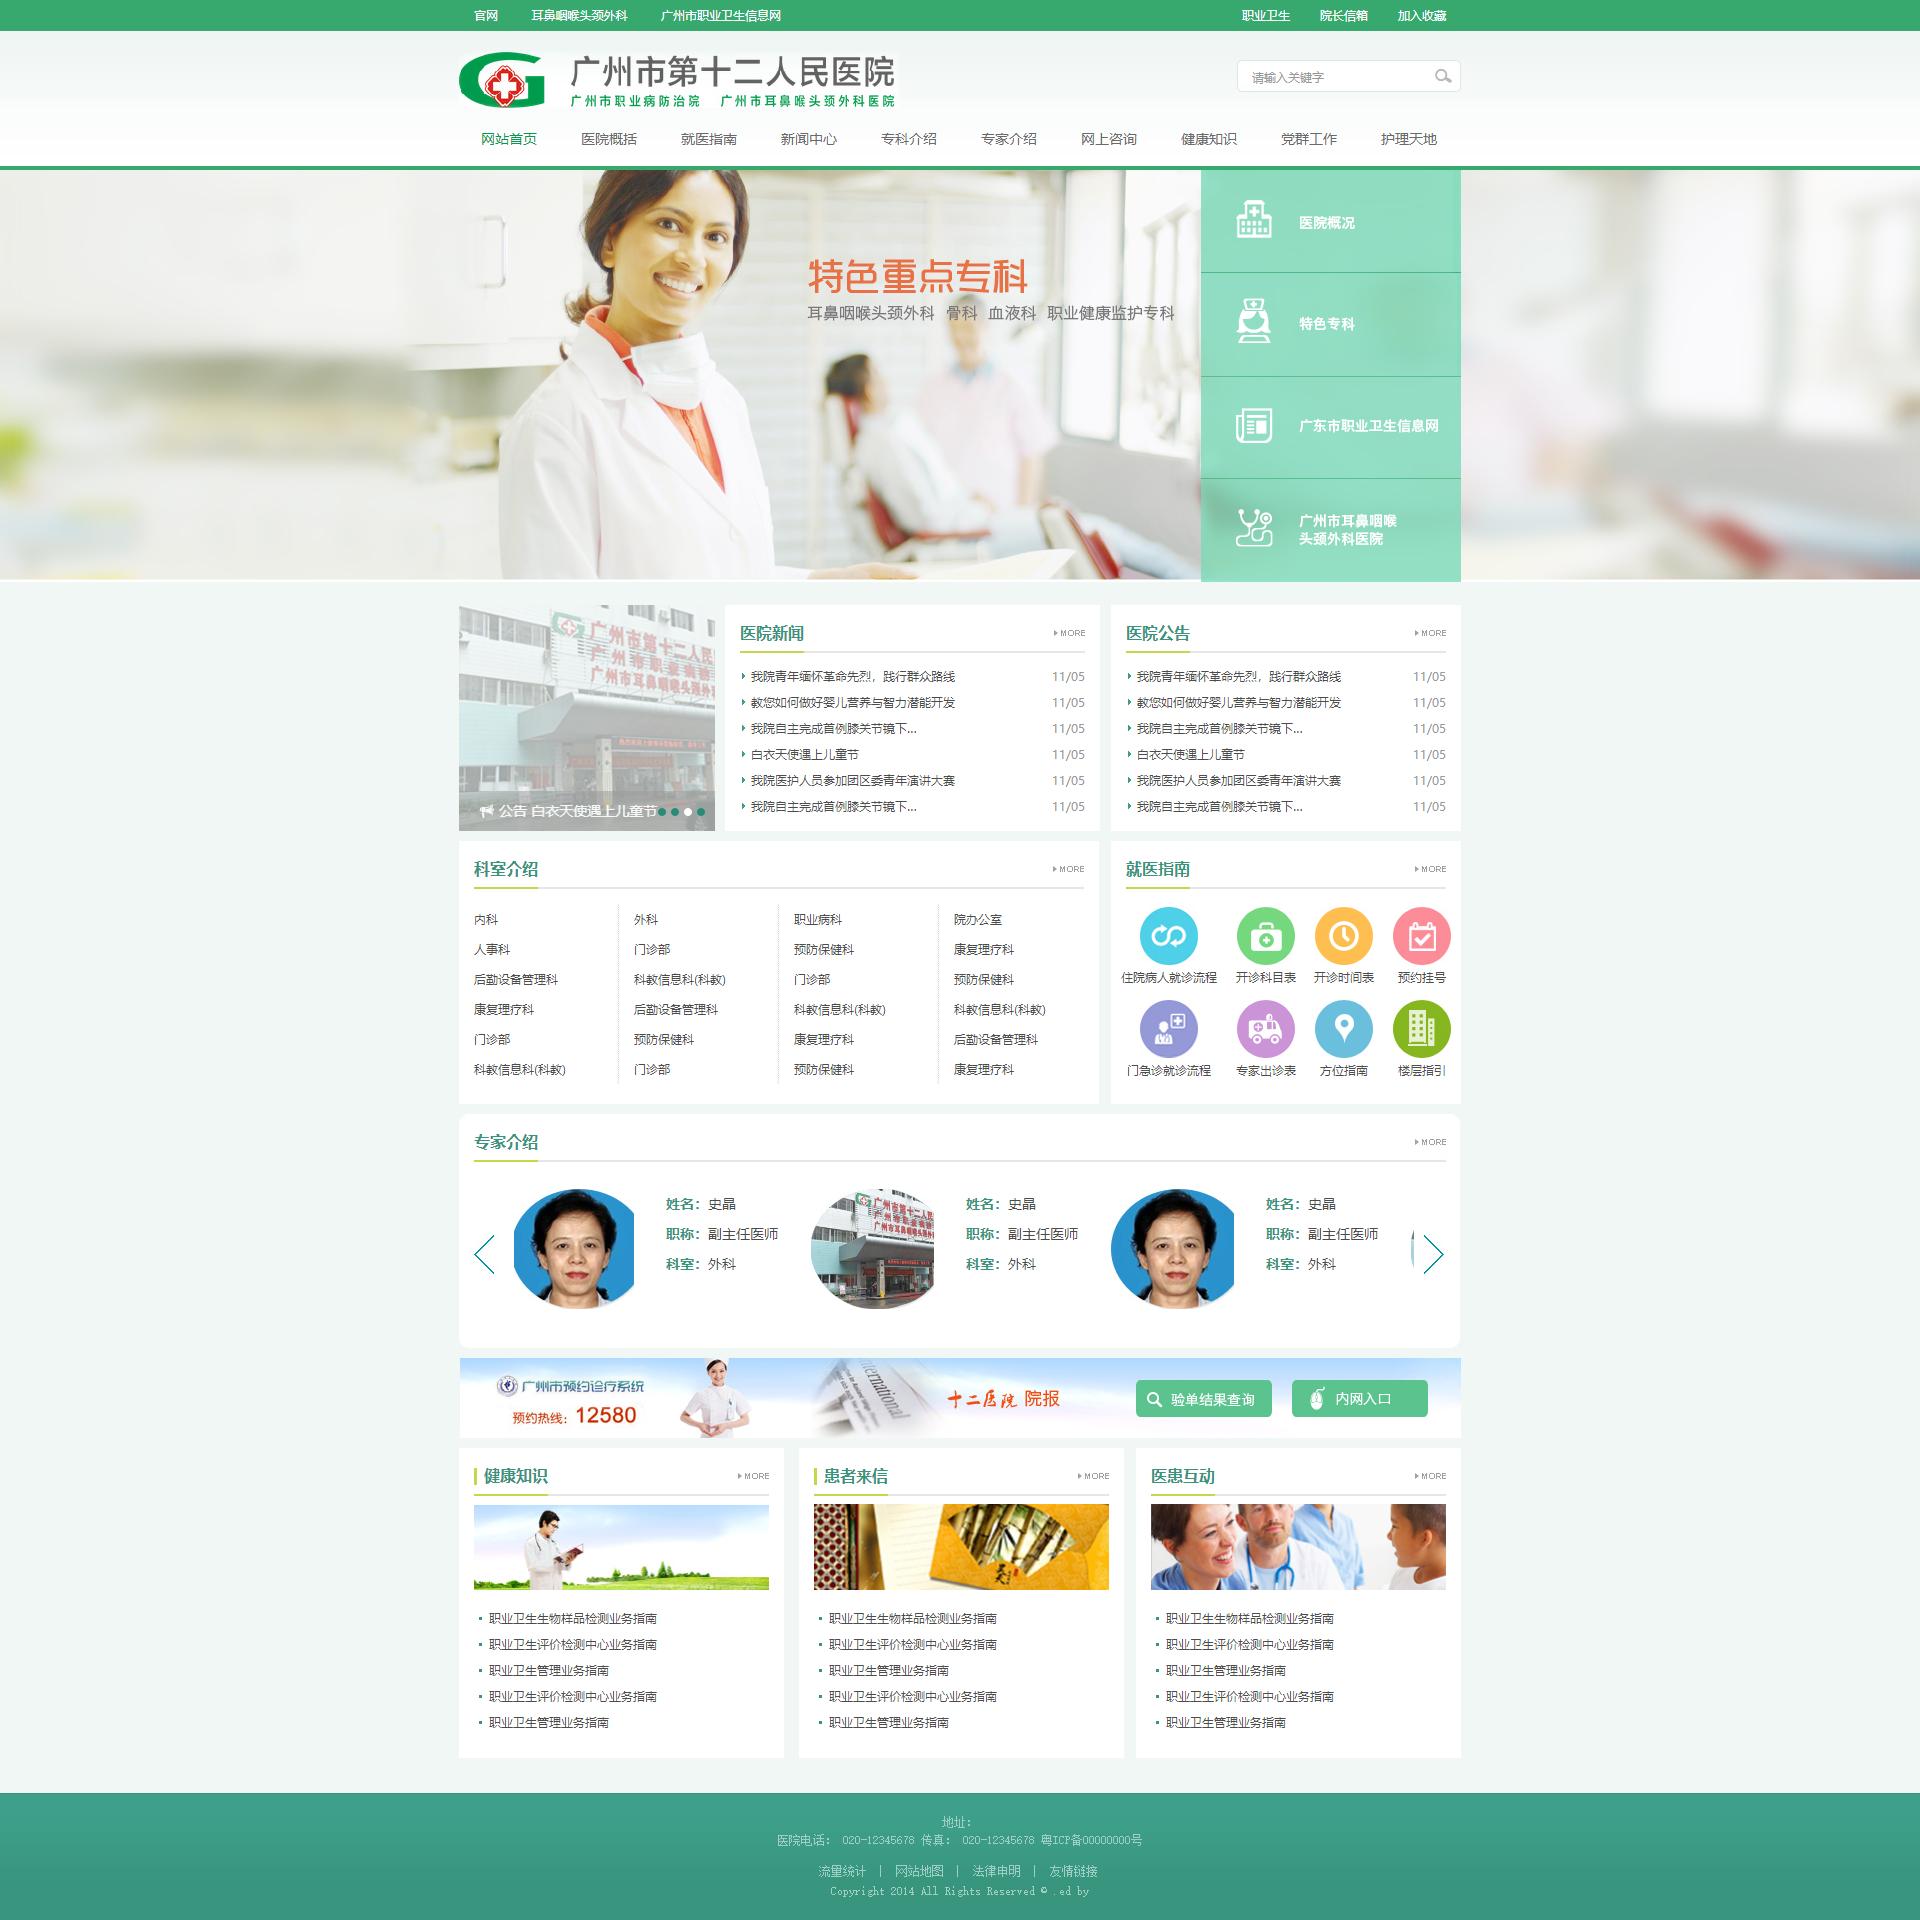 绿色的外科专科医院网站模板html整站